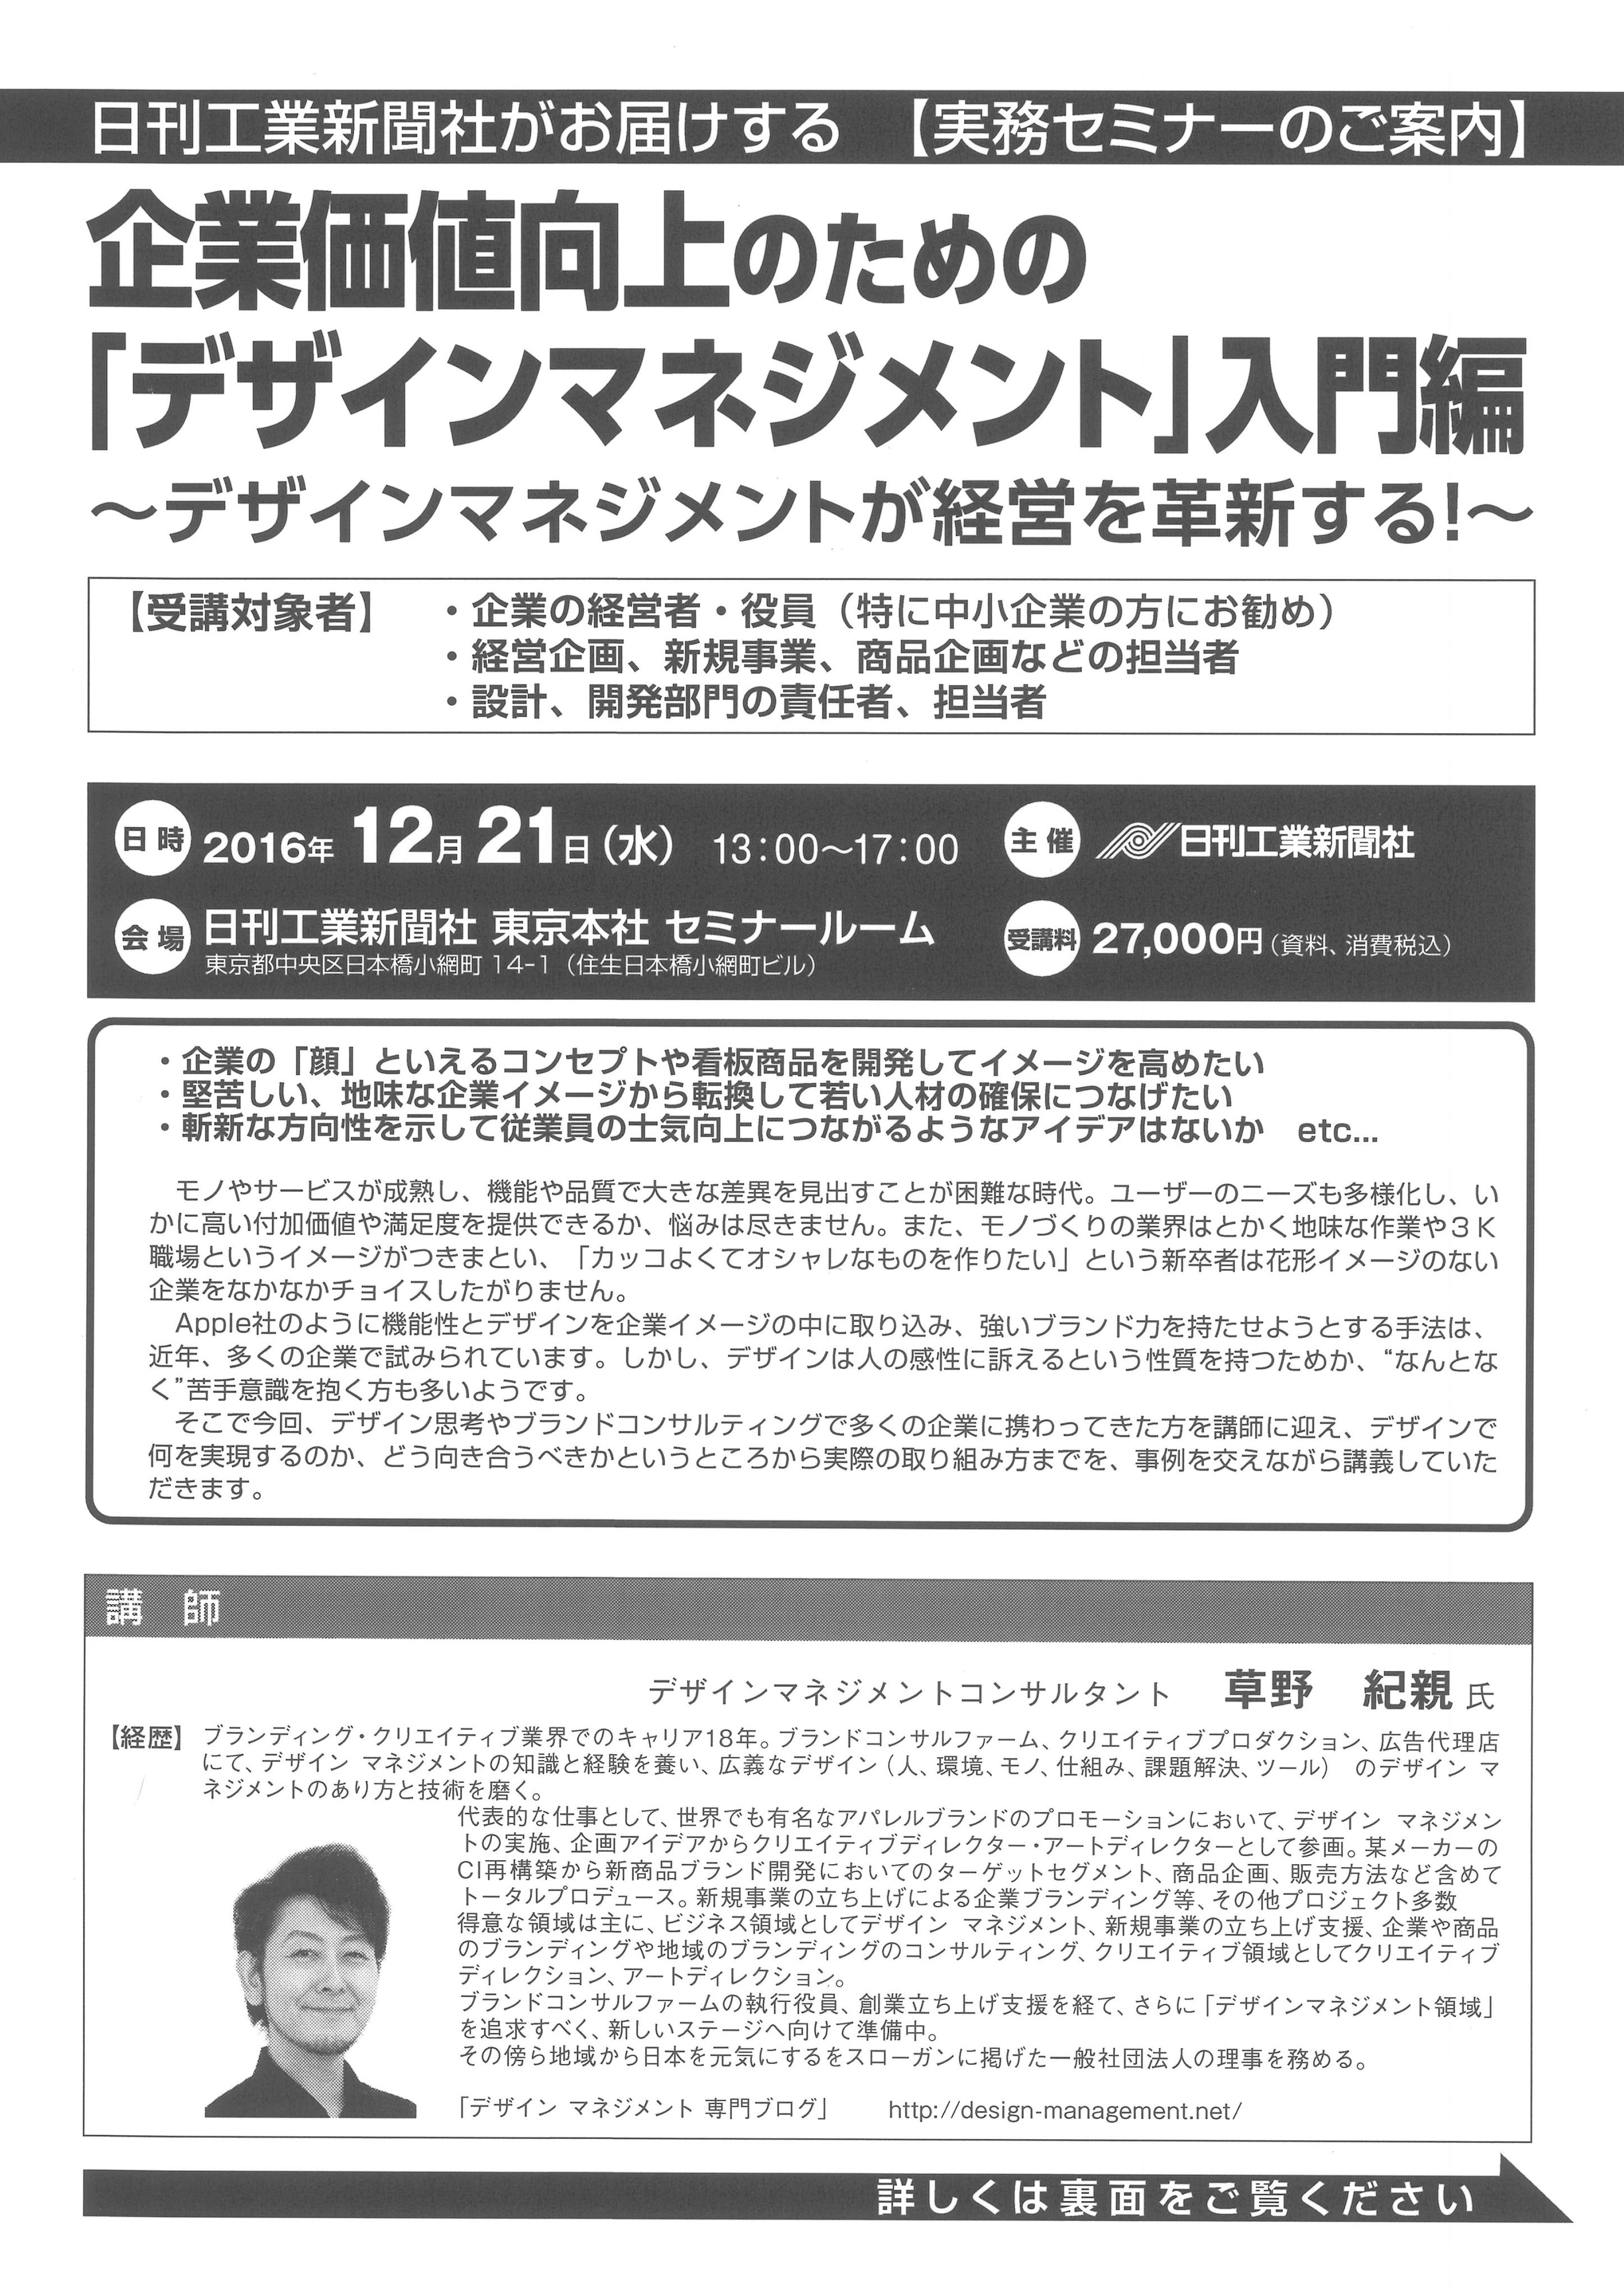 デザインマネジメント セミナー 入門編 チラシ_表